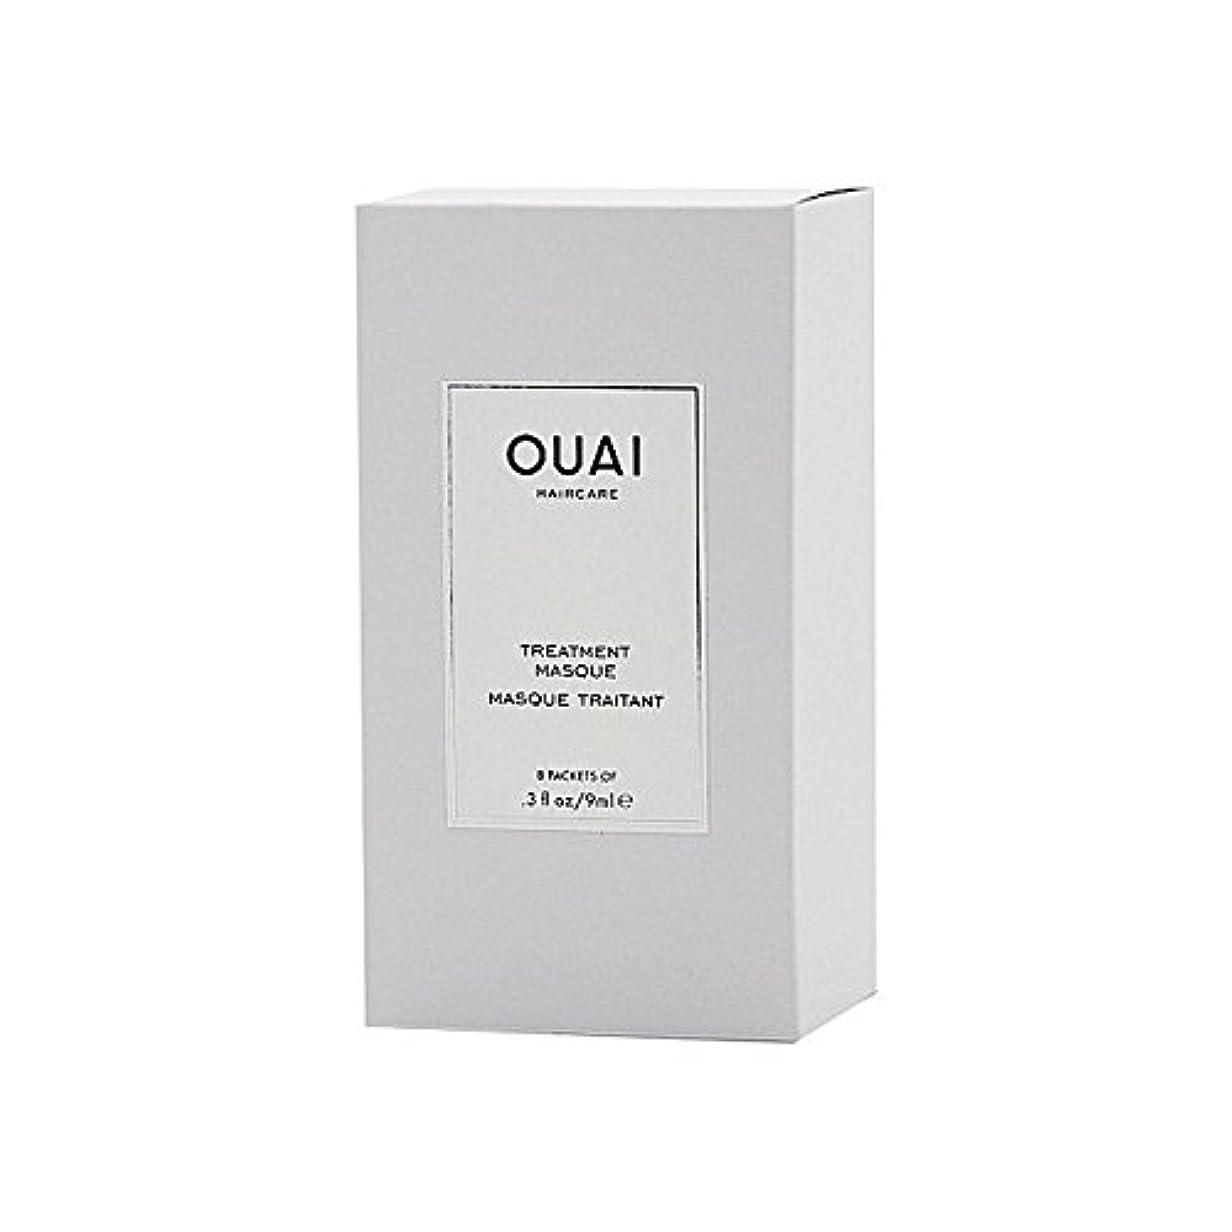 擬人バイオリニスト増幅器Ouai Treatment Masque 8 X 9ml - トリートメントマスク8×9ミリリットル [並行輸入品]